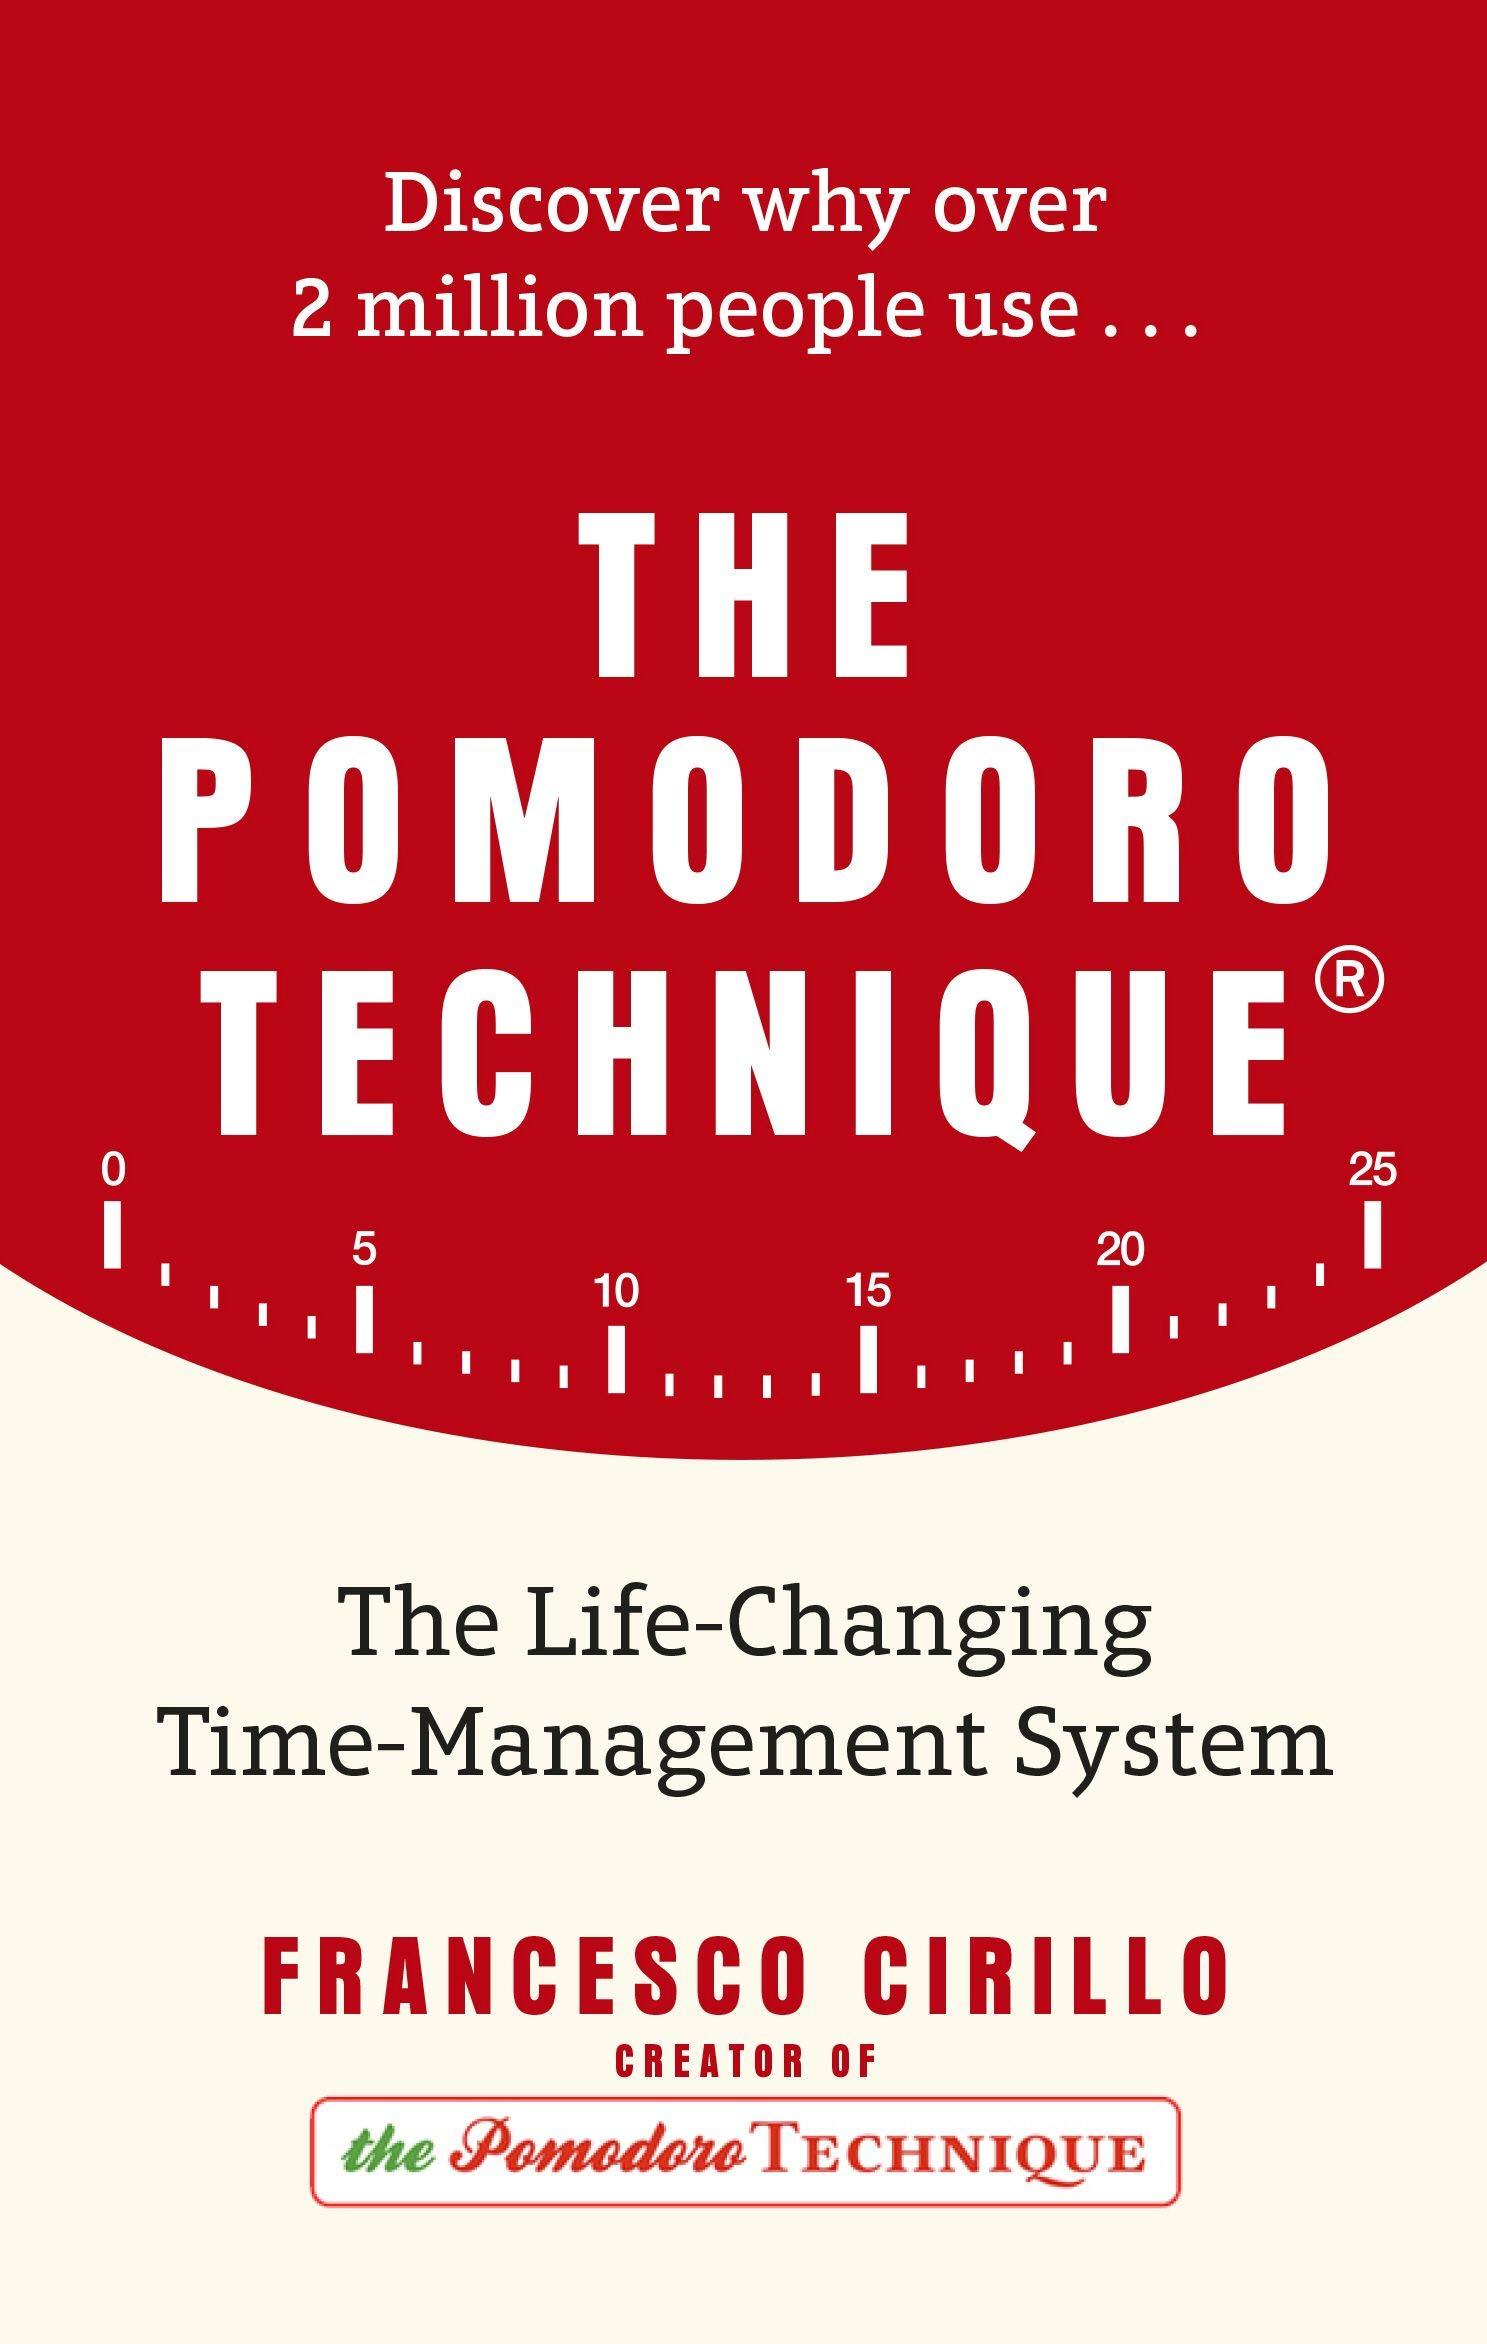 The Pomodoro Technique thumbnail